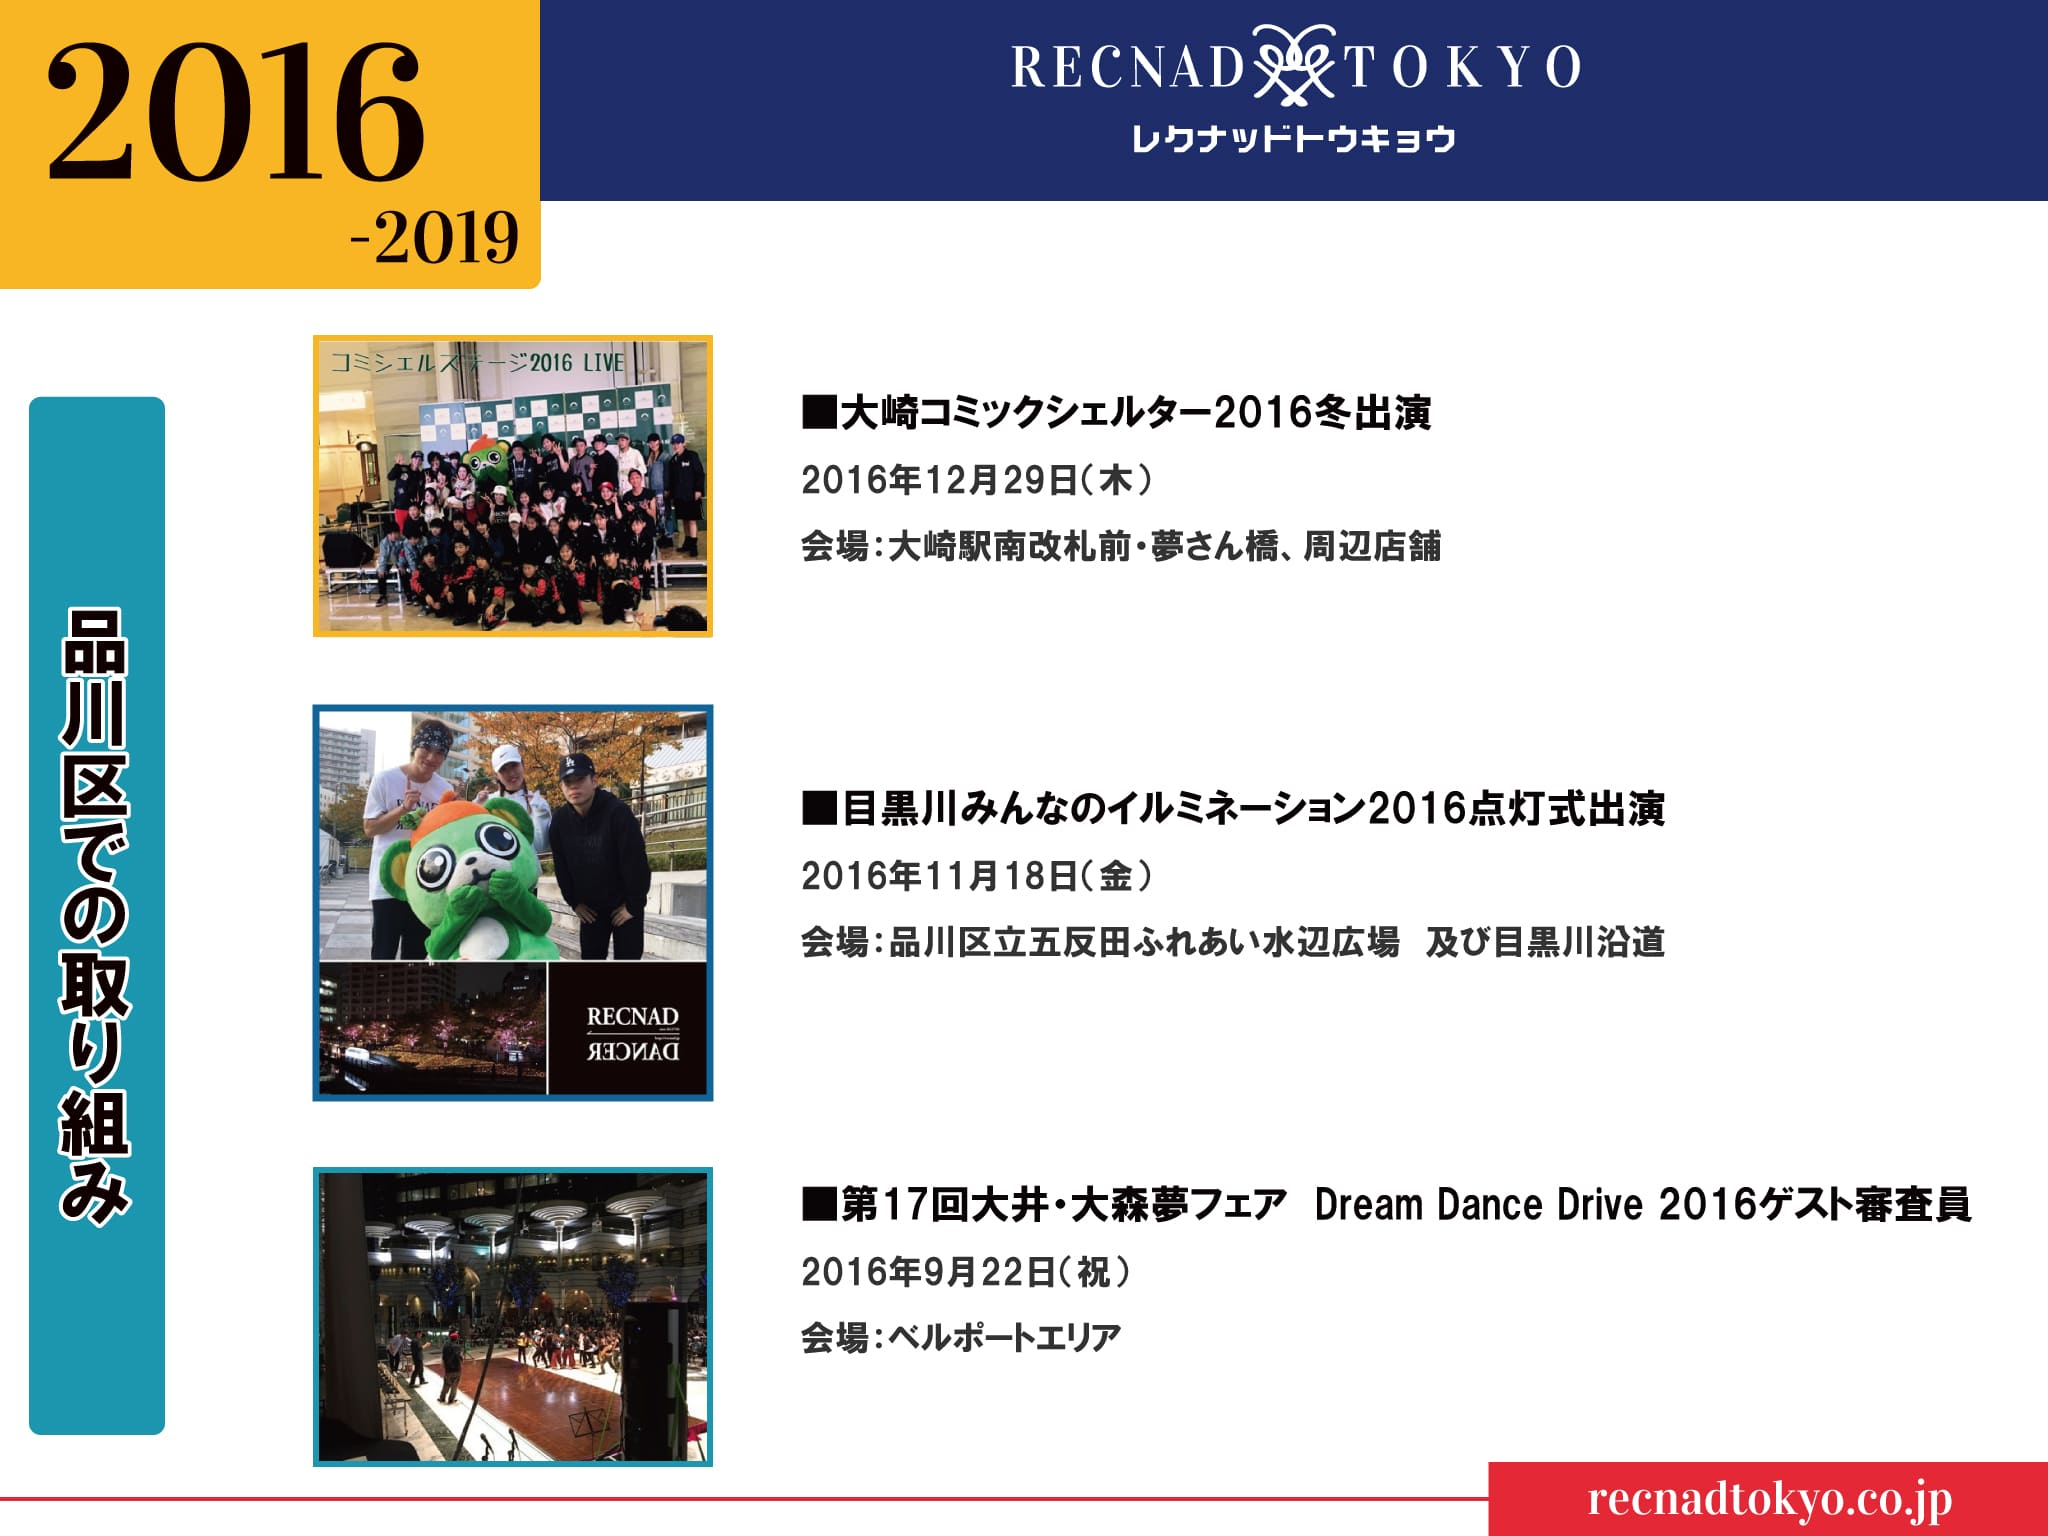 品川区 でのRECNAD TOKYOの活動 ダンス で街を盛り上げる わしながわ   RECNAD TOKYO 2016